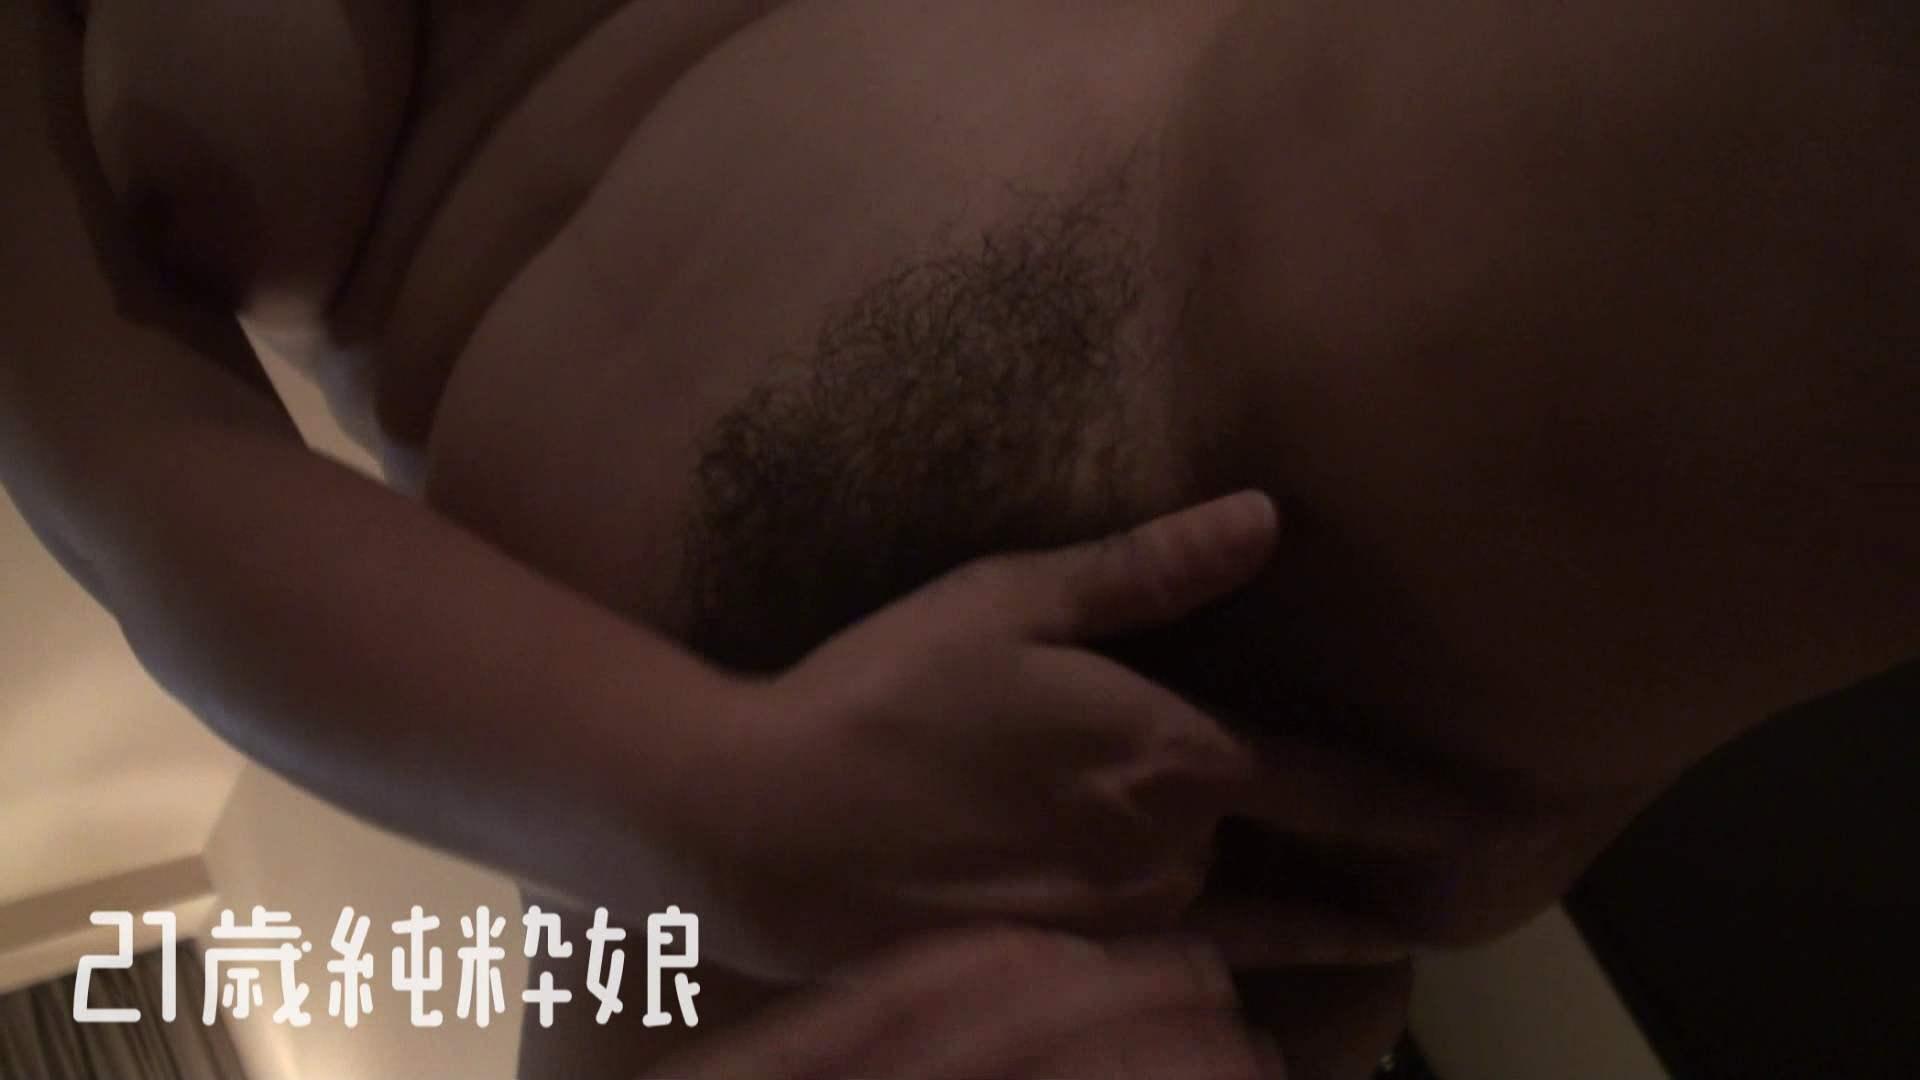 上京したばかりのGカップ21歳純粋嬢を都合の良い女にしてみた2 SEX映像   中出し  70pic 13